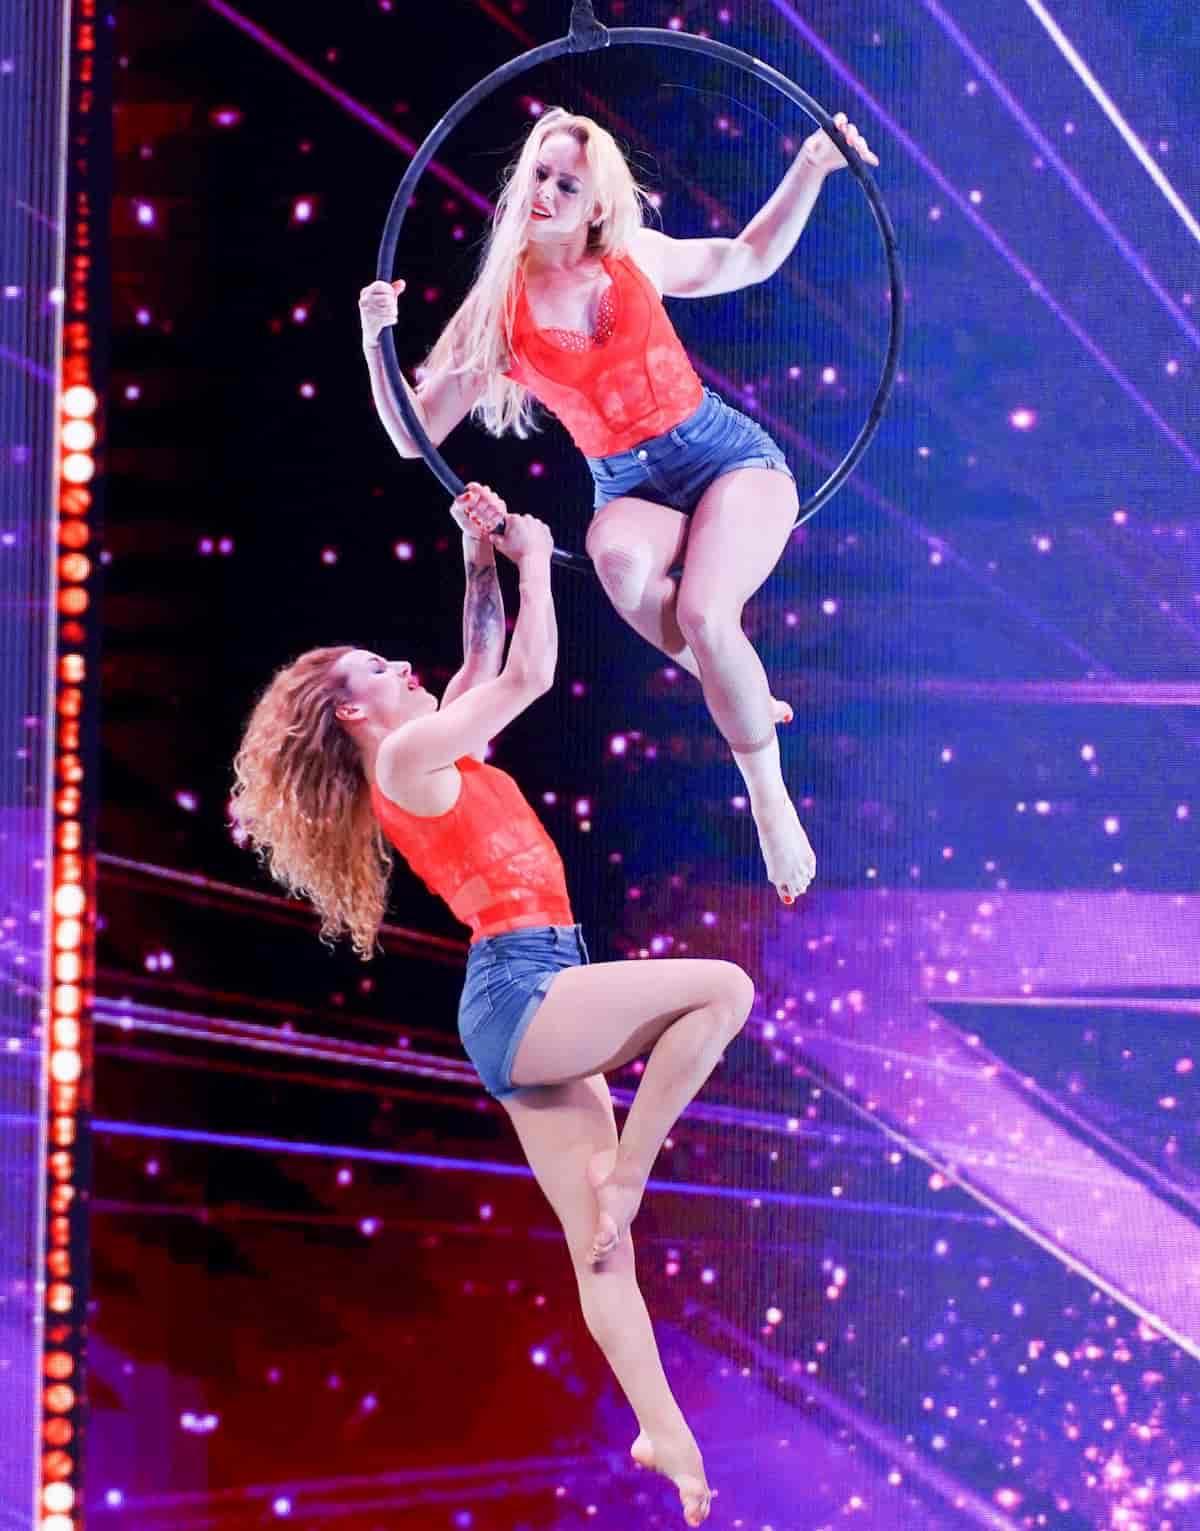 Helene Kolessnikow - Anne Charlotte Joguet beim Supertalent am 23.11.2019